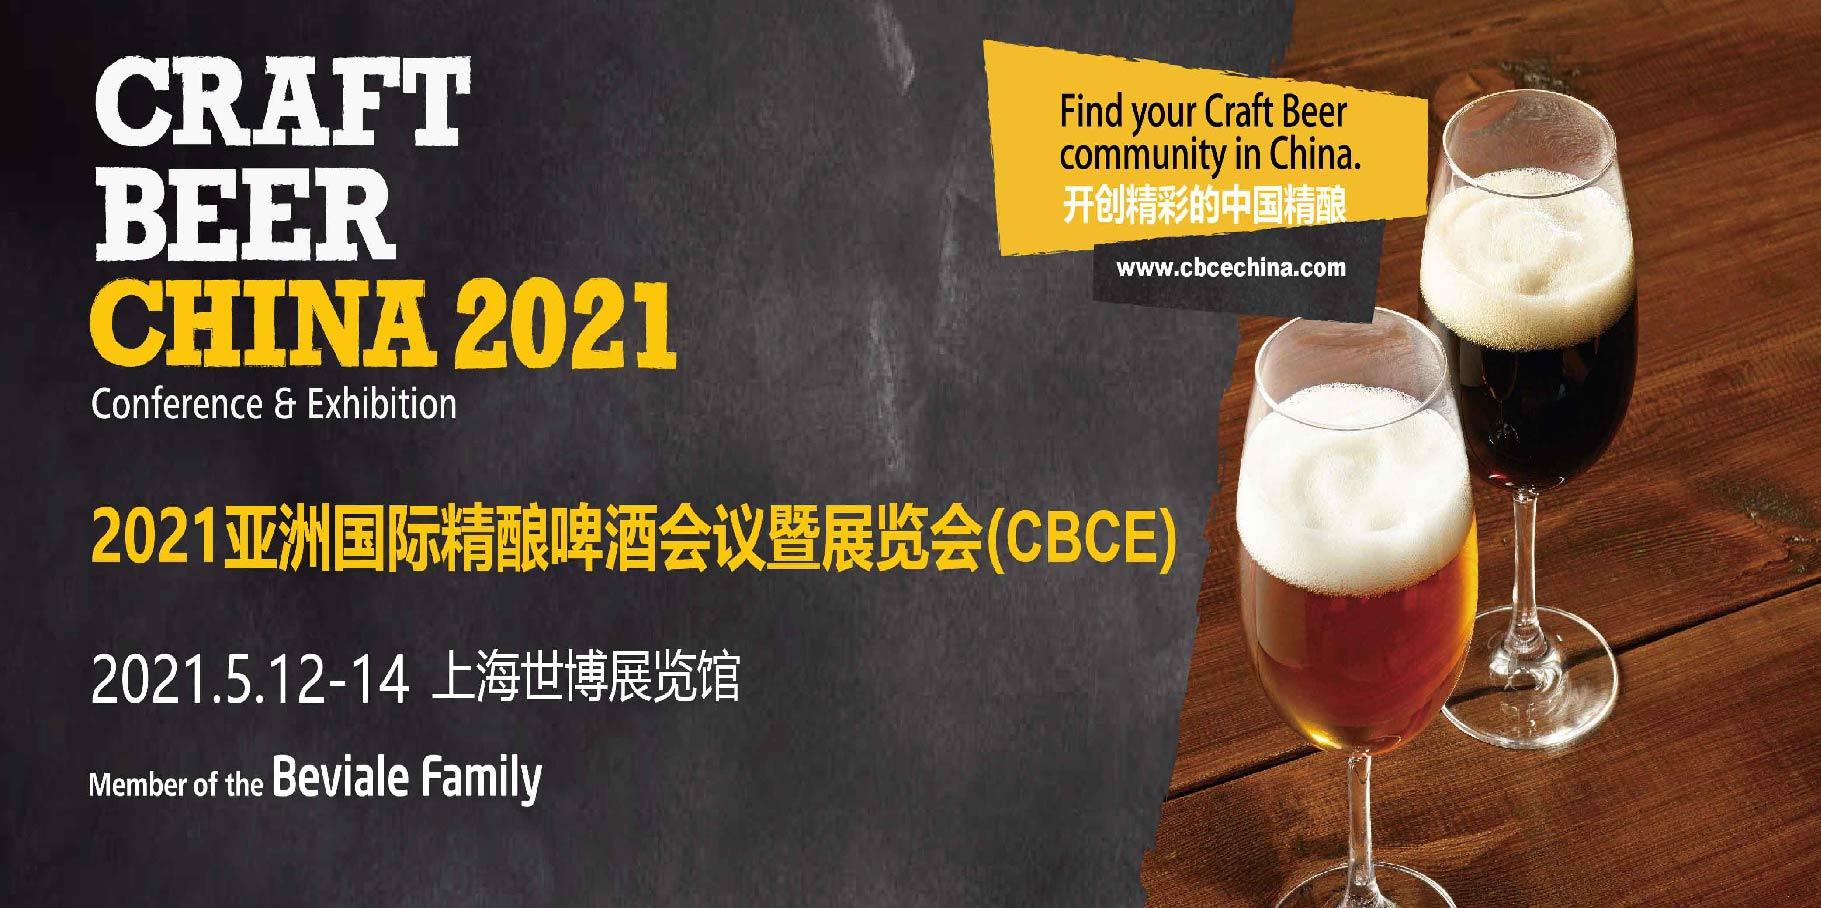 2021亞洲國際精釀啤酒會議暨展覽會(CBCE 2021)